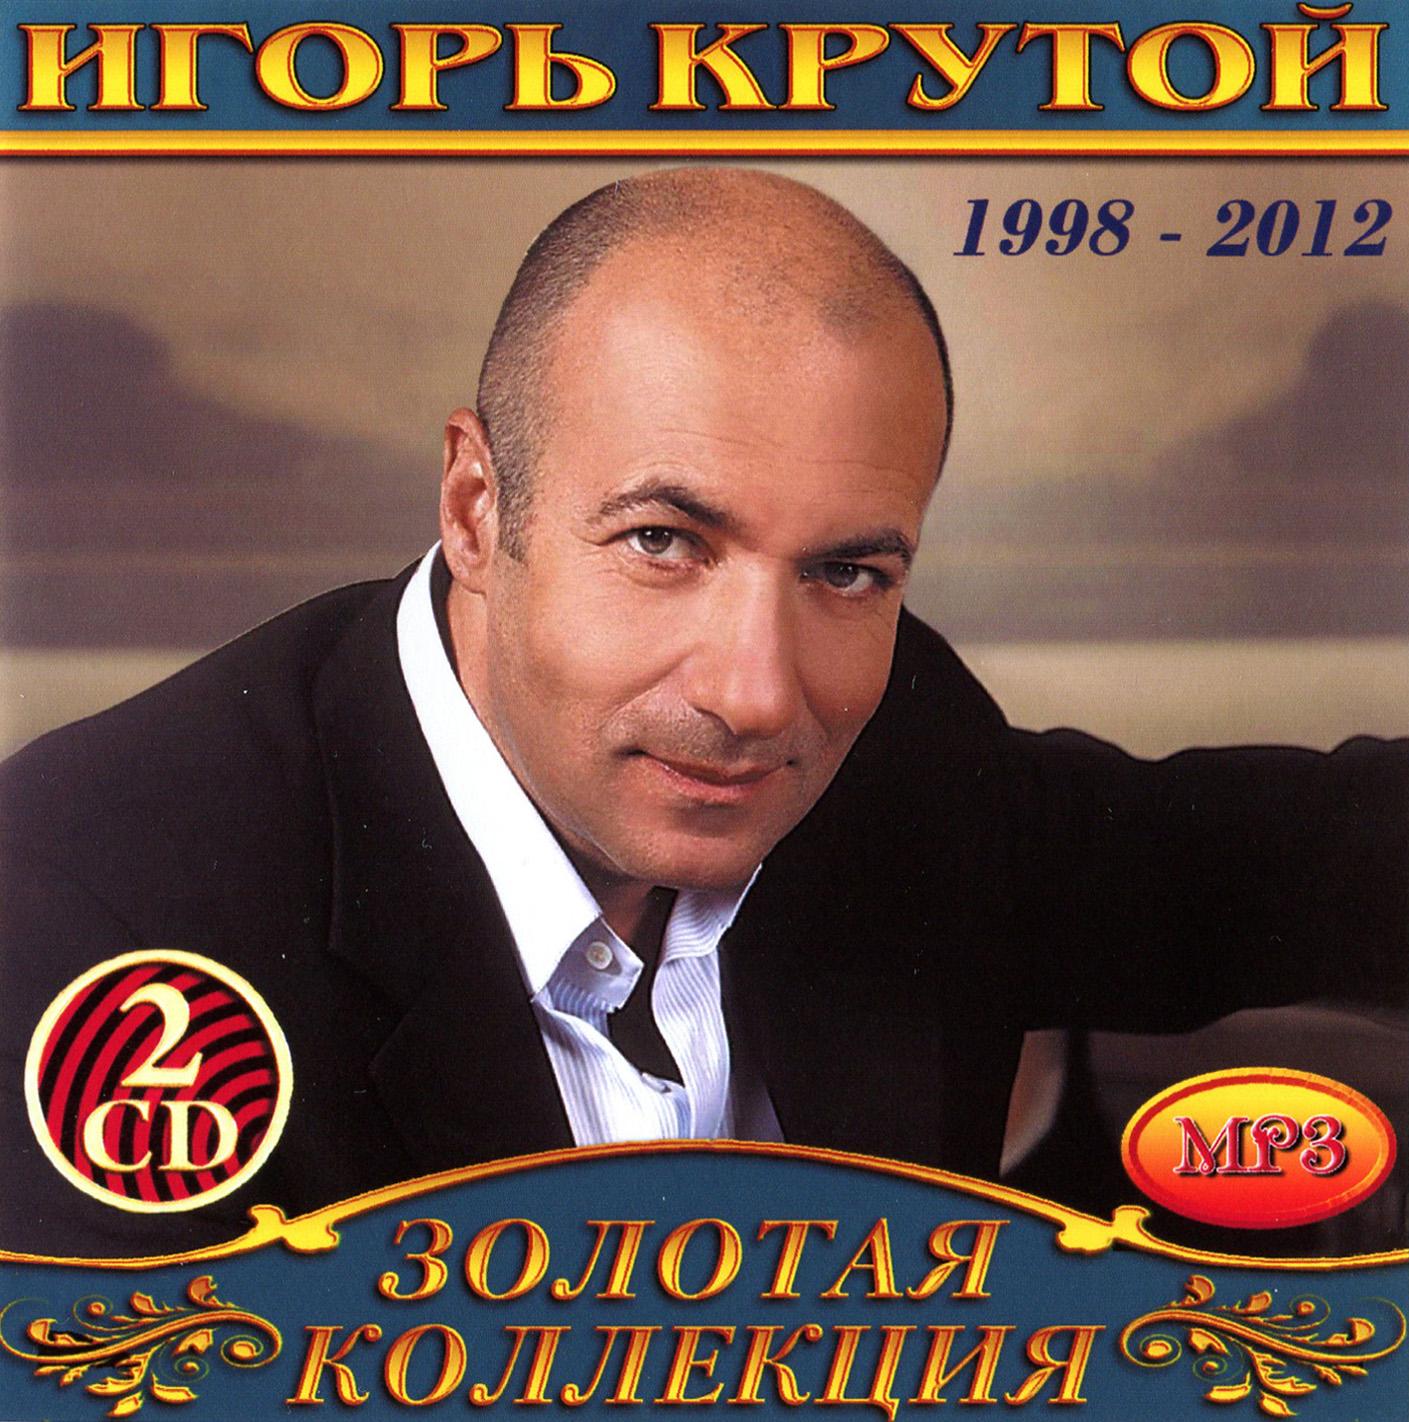 Игорь Крутой 2cd [mp3]